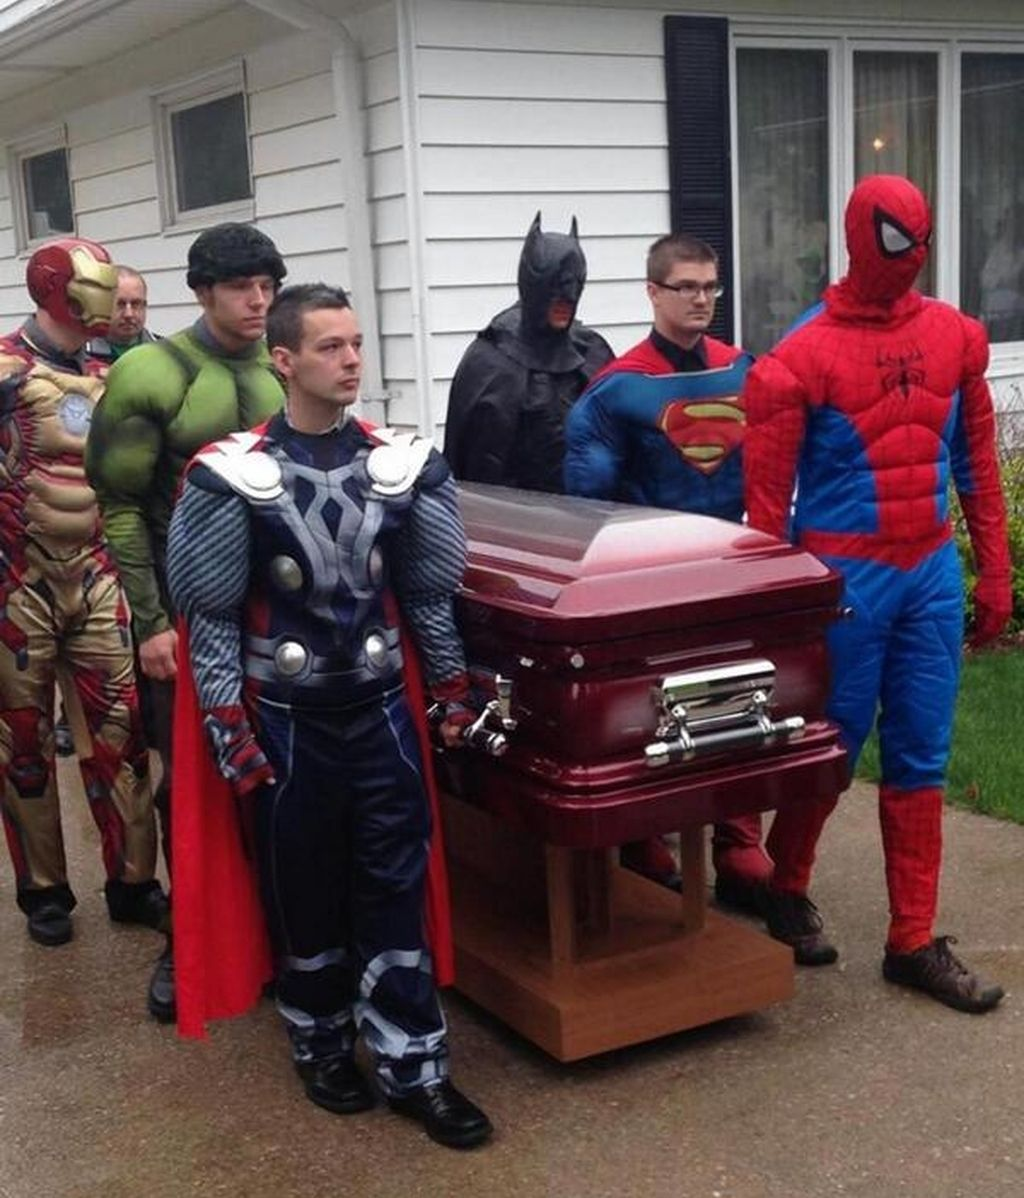 Un niño de cinco años recibe un funeral rodeado de superhéroes